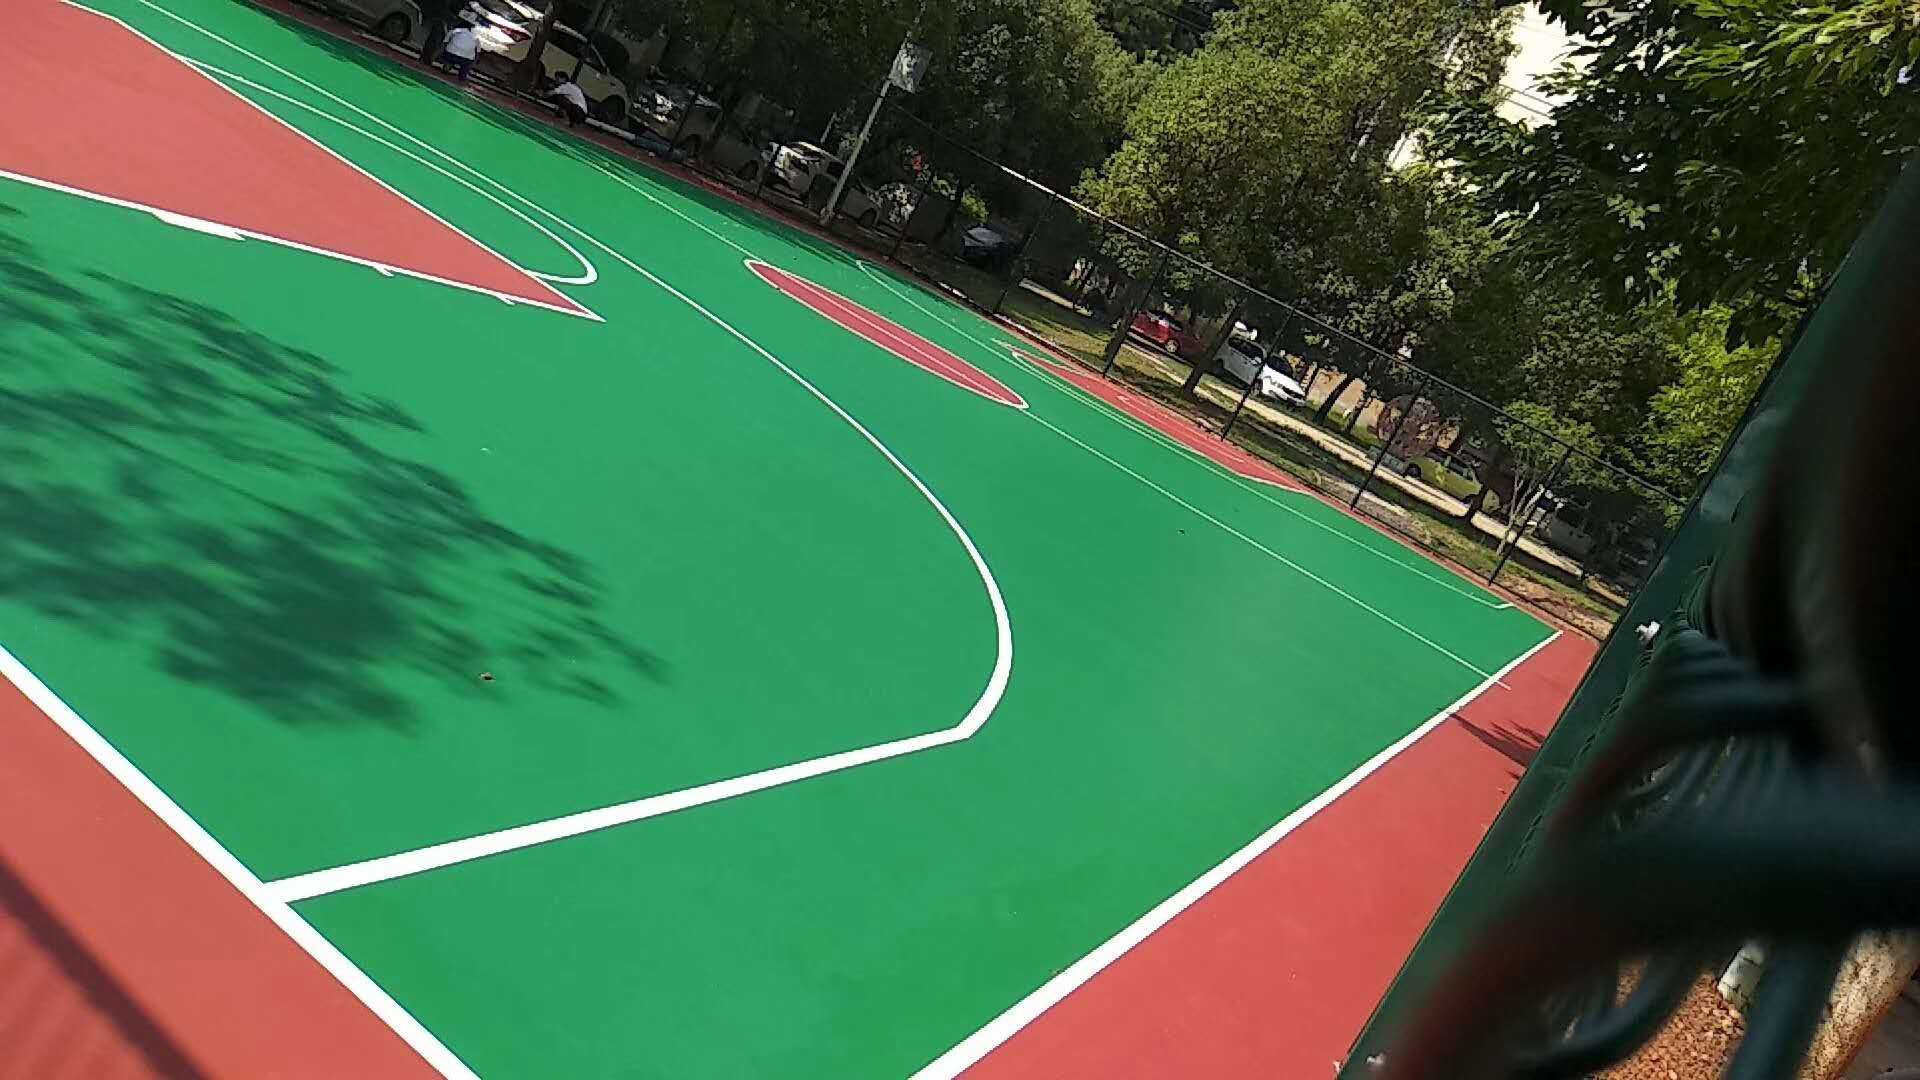 edpm塑胶球场多少钱_篮球场相关-成都锐克达斯体育用品有限公司